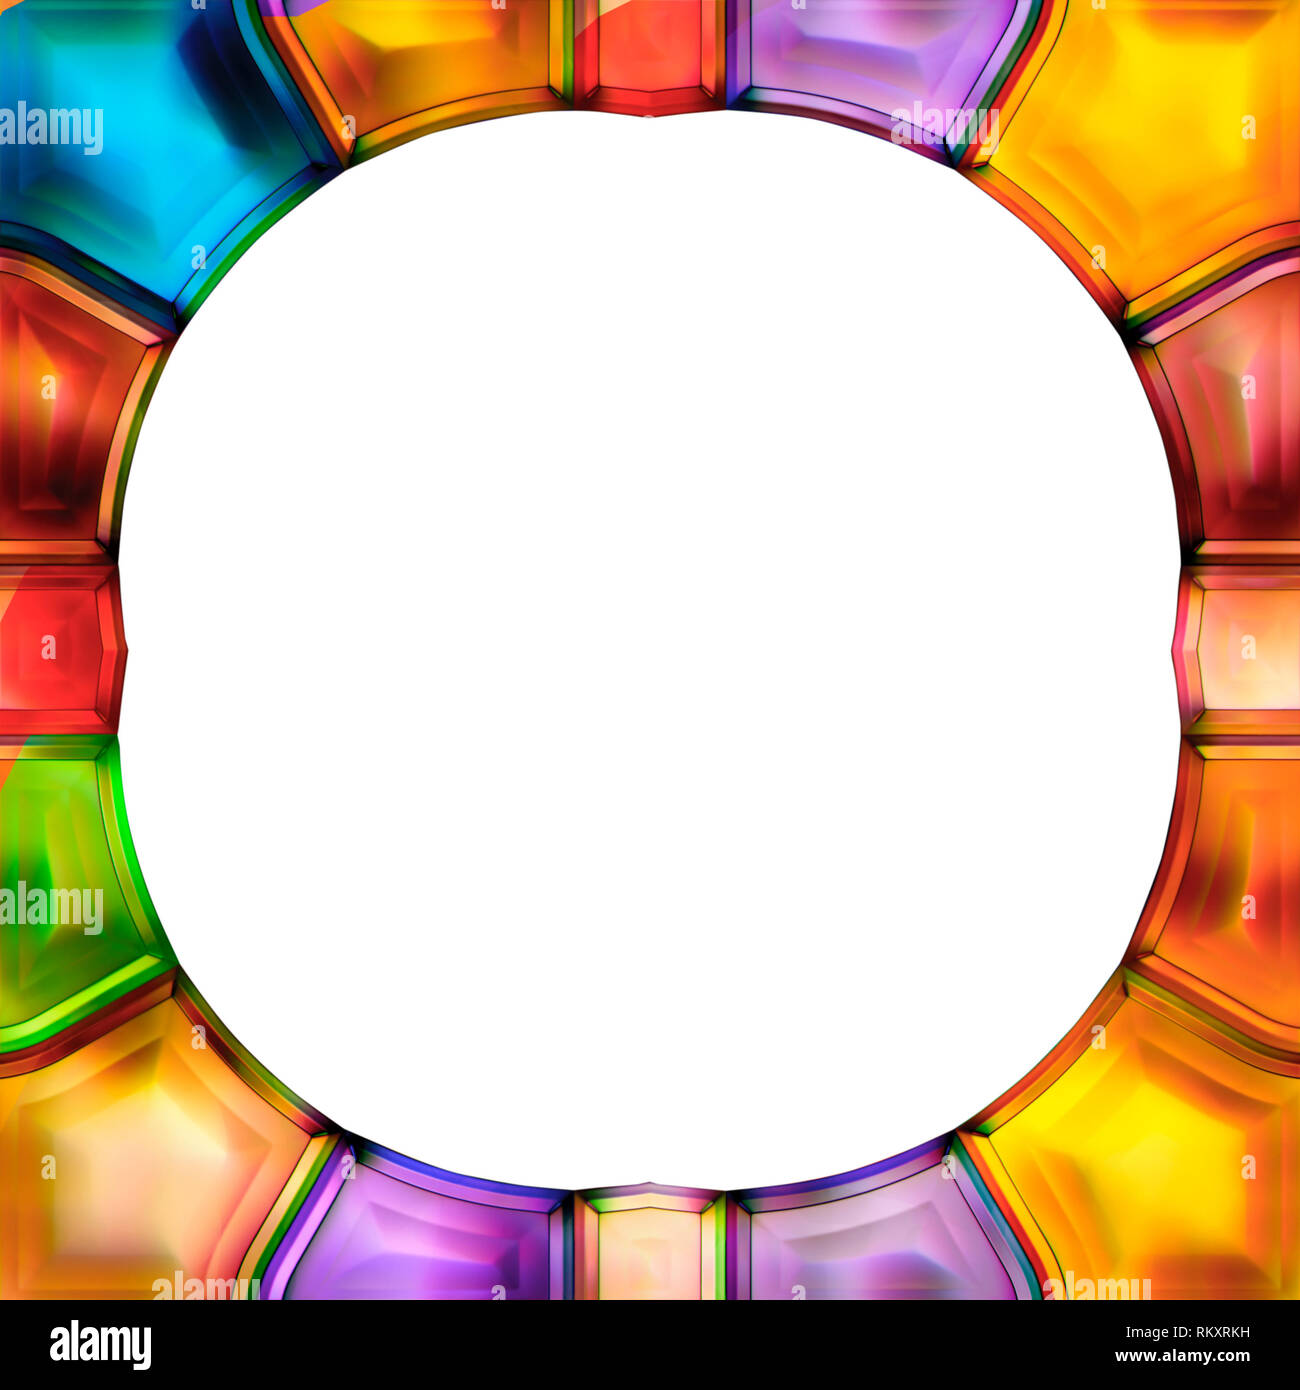 Cornici Colorate Per Foto elegante cornice per foto. bordo colorato disegno di fondo